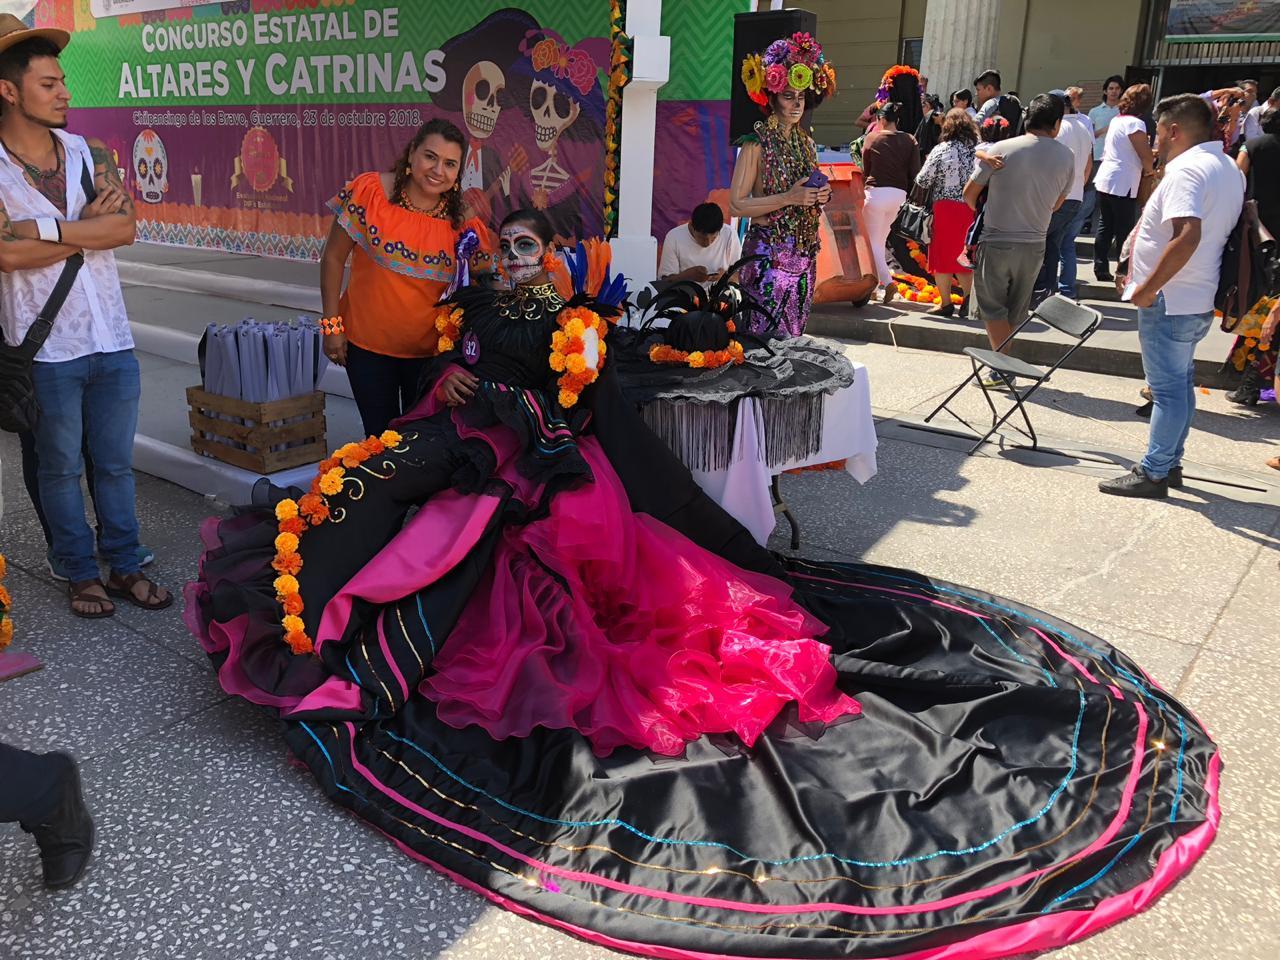 Concurso estatal de Altares y Catrinas, en el Estado de Guerrero